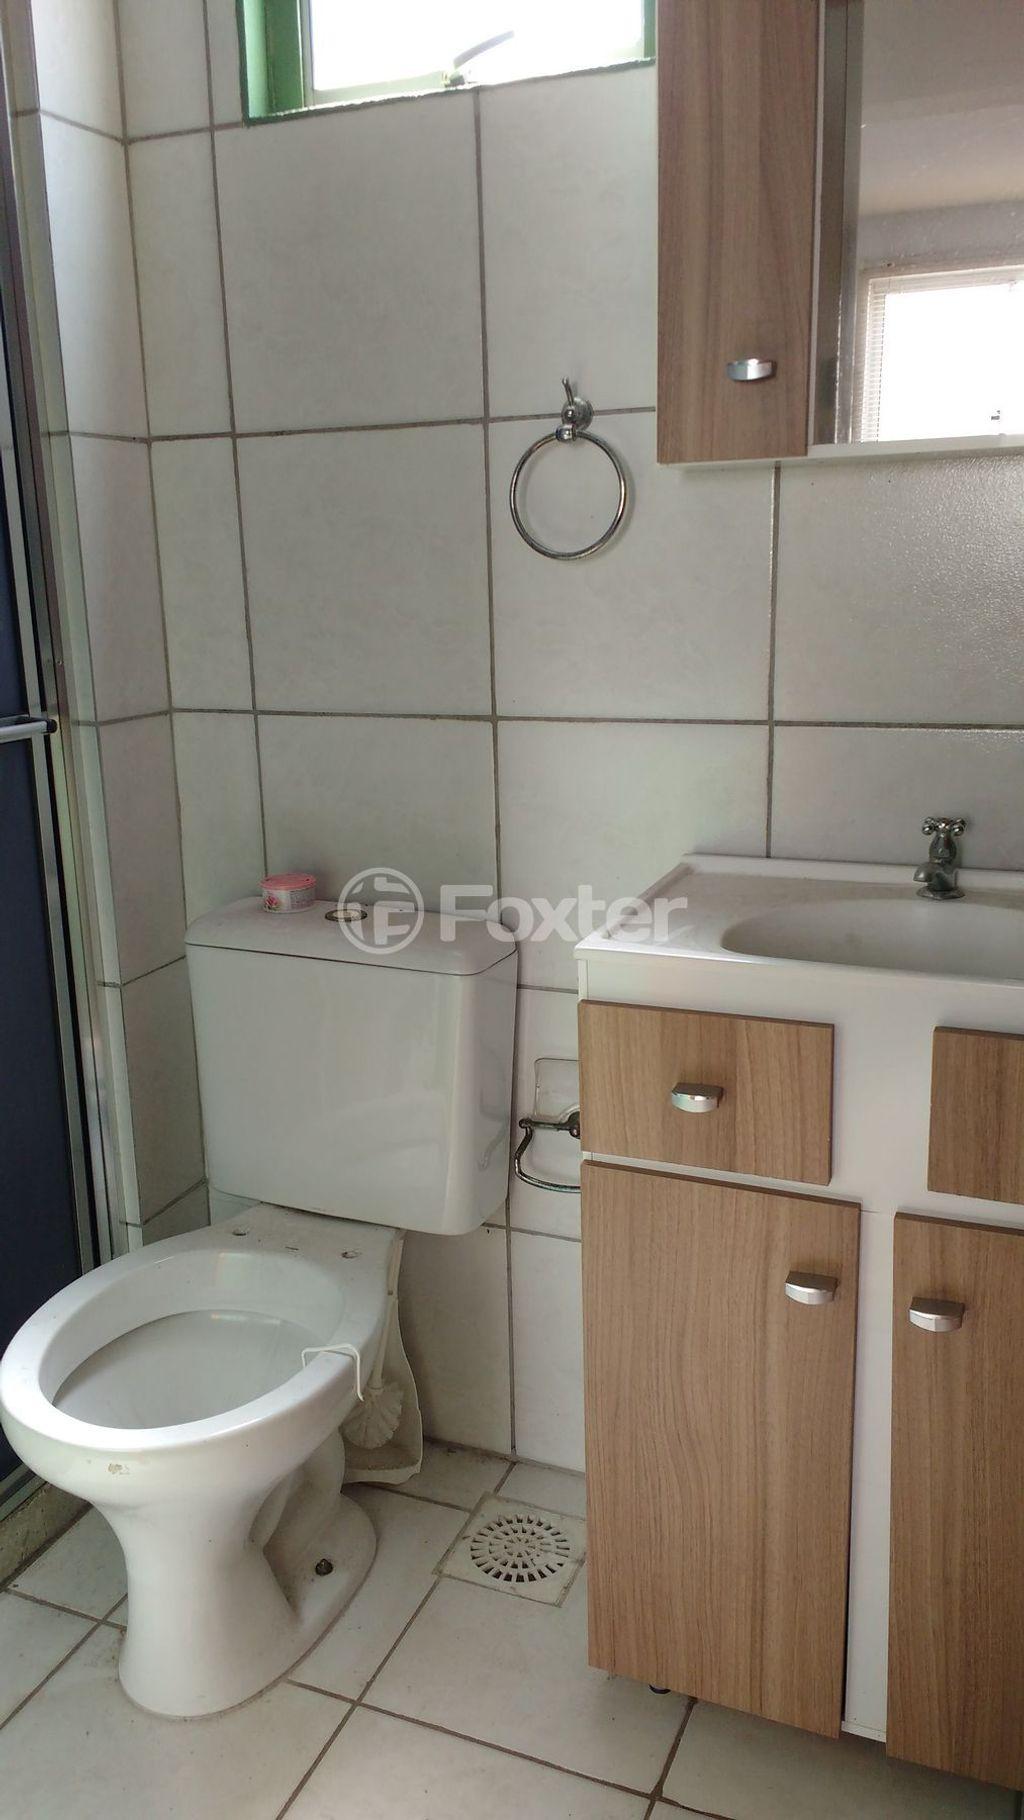 Apto 2 Dorm, Rubem Berta, Porto Alegre (139085) - Foto 5